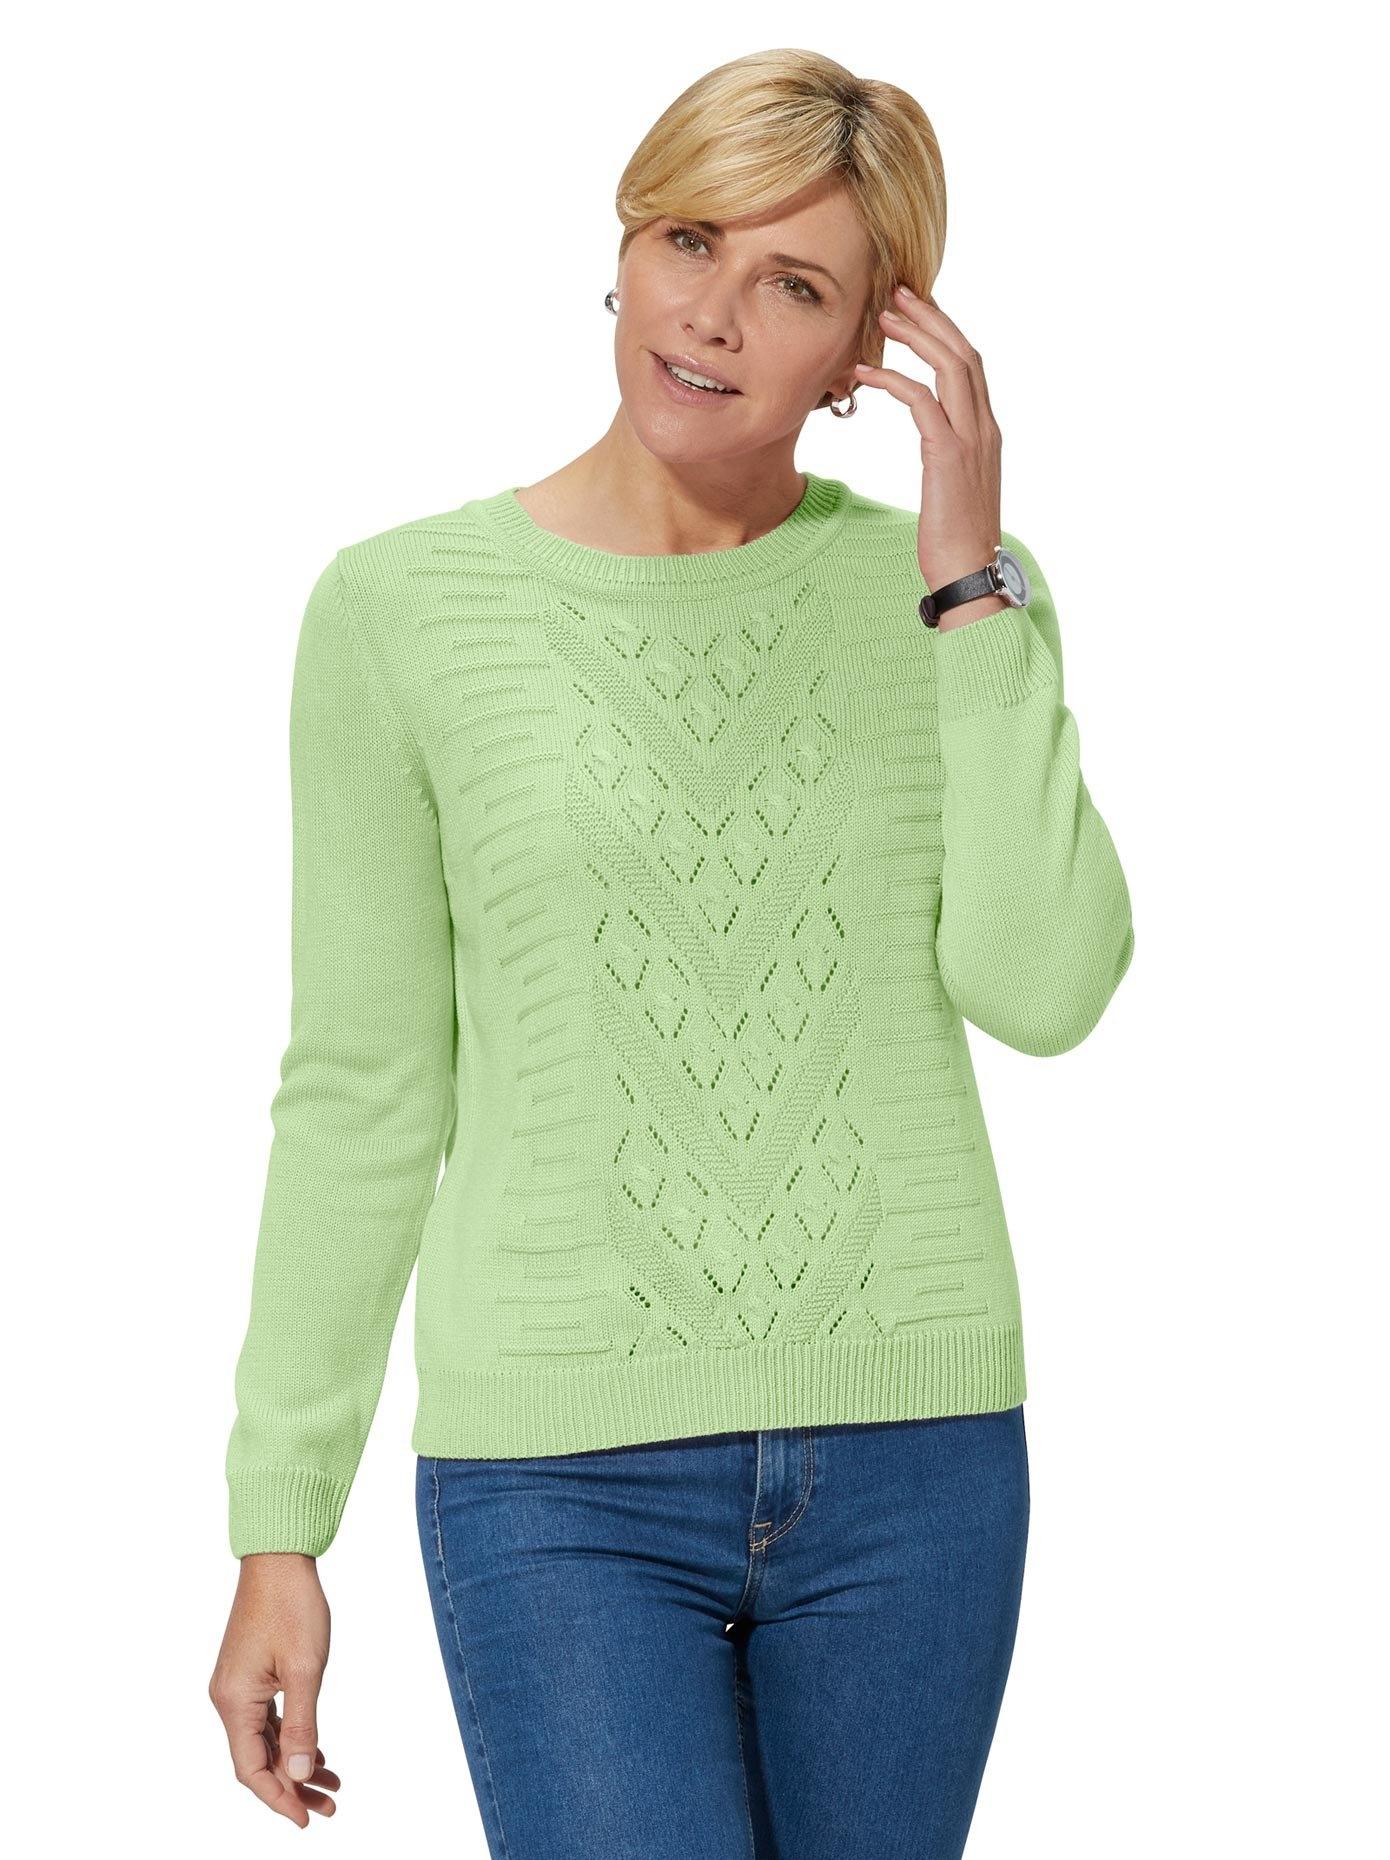 Classic Basics trui met ronde hals Trui voordelig en veilig online kopen